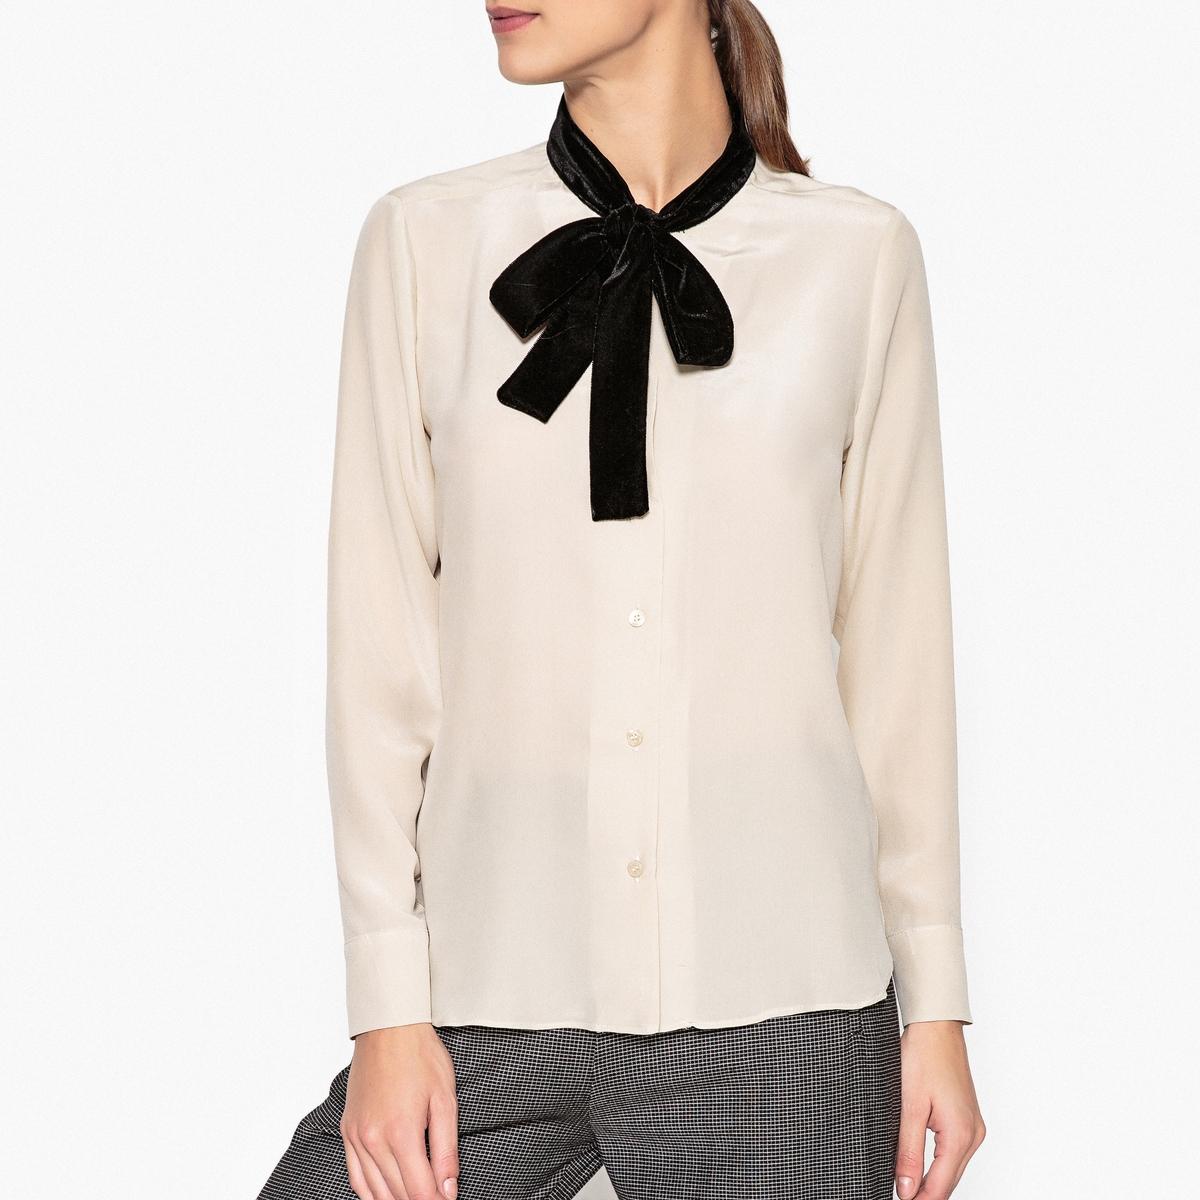 Рубашка из шёлка с галстуком-бантом NANOОписание:Рубашка с длинными рукавами TOUPY - модель NANO из натурального шёлка с галстуком-бантом. Прямой низ и манжеты на пуговицах .Детали   •  Длинные рукава •  Прямой покрой •  Галстук-бантСостав и уход •  100% шелк •  Следуйте советам по уходу, указанным на этикетке<br><br>Цвет: желтый,экрю<br>Размер: XL.XS.XL.M.S